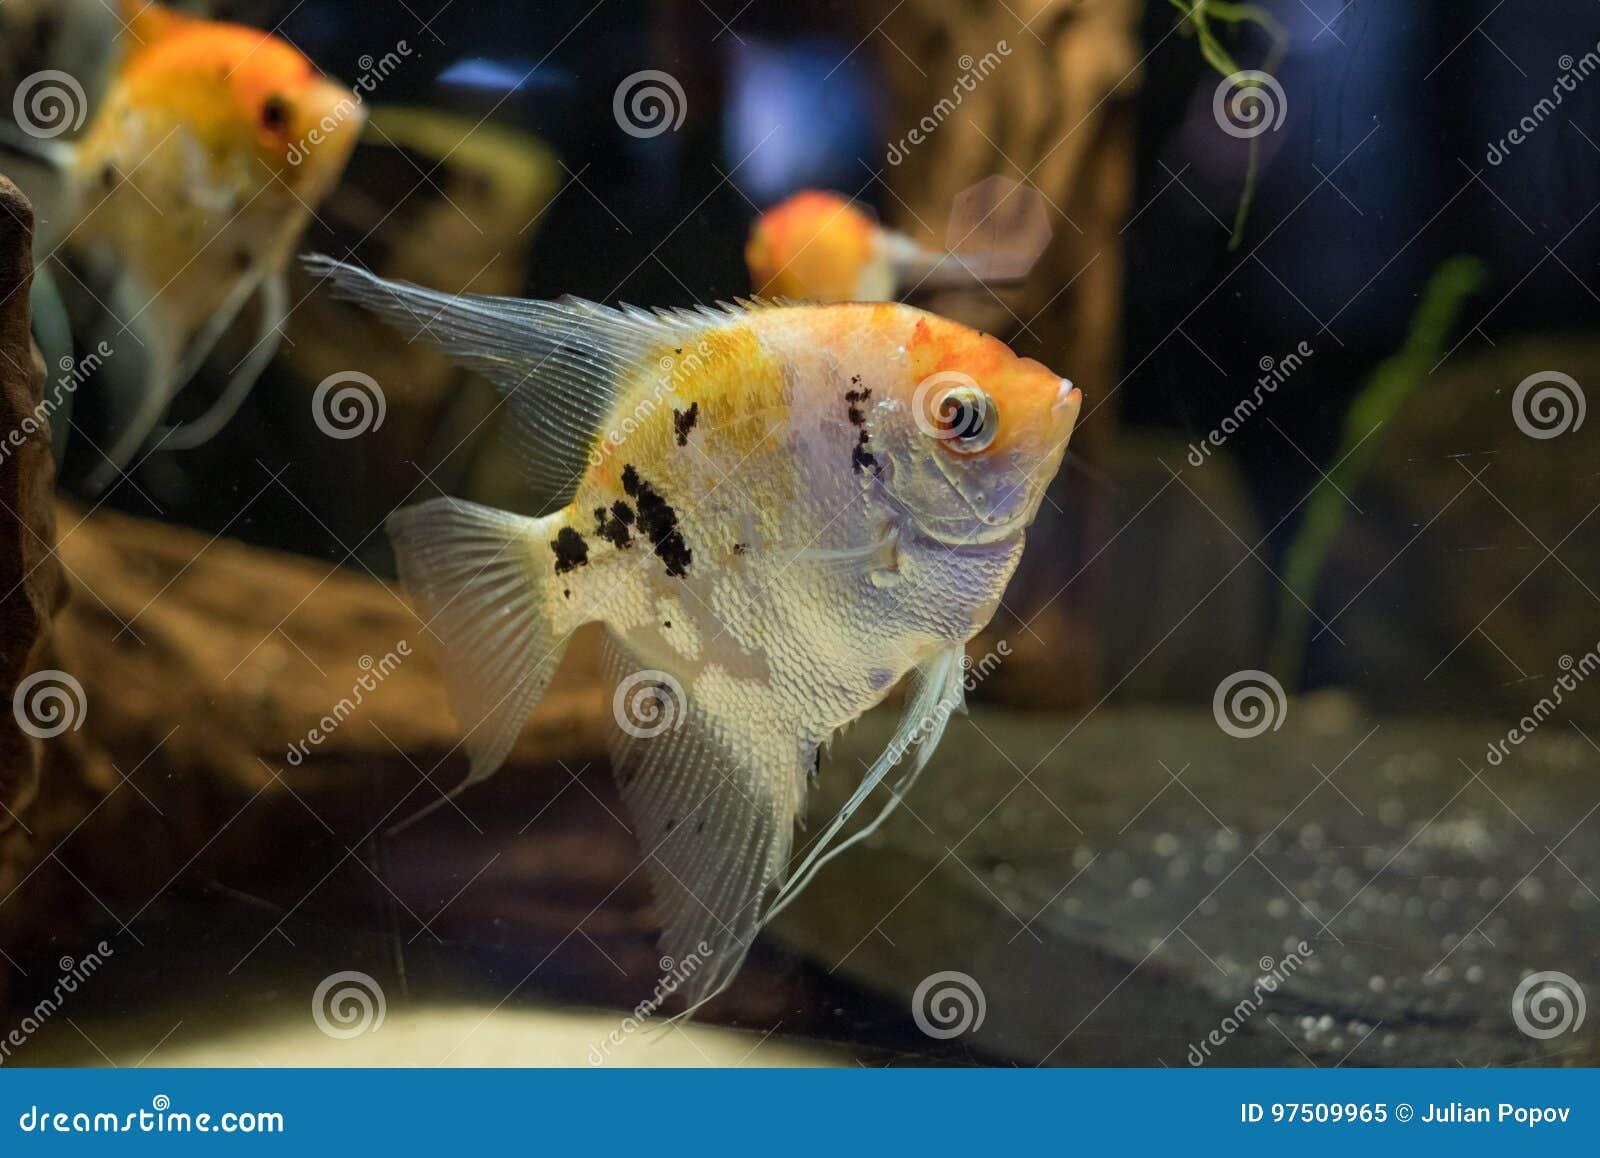 Angelfish Scalare Small Aquarium Fish Swimming In The Aquarium Stock